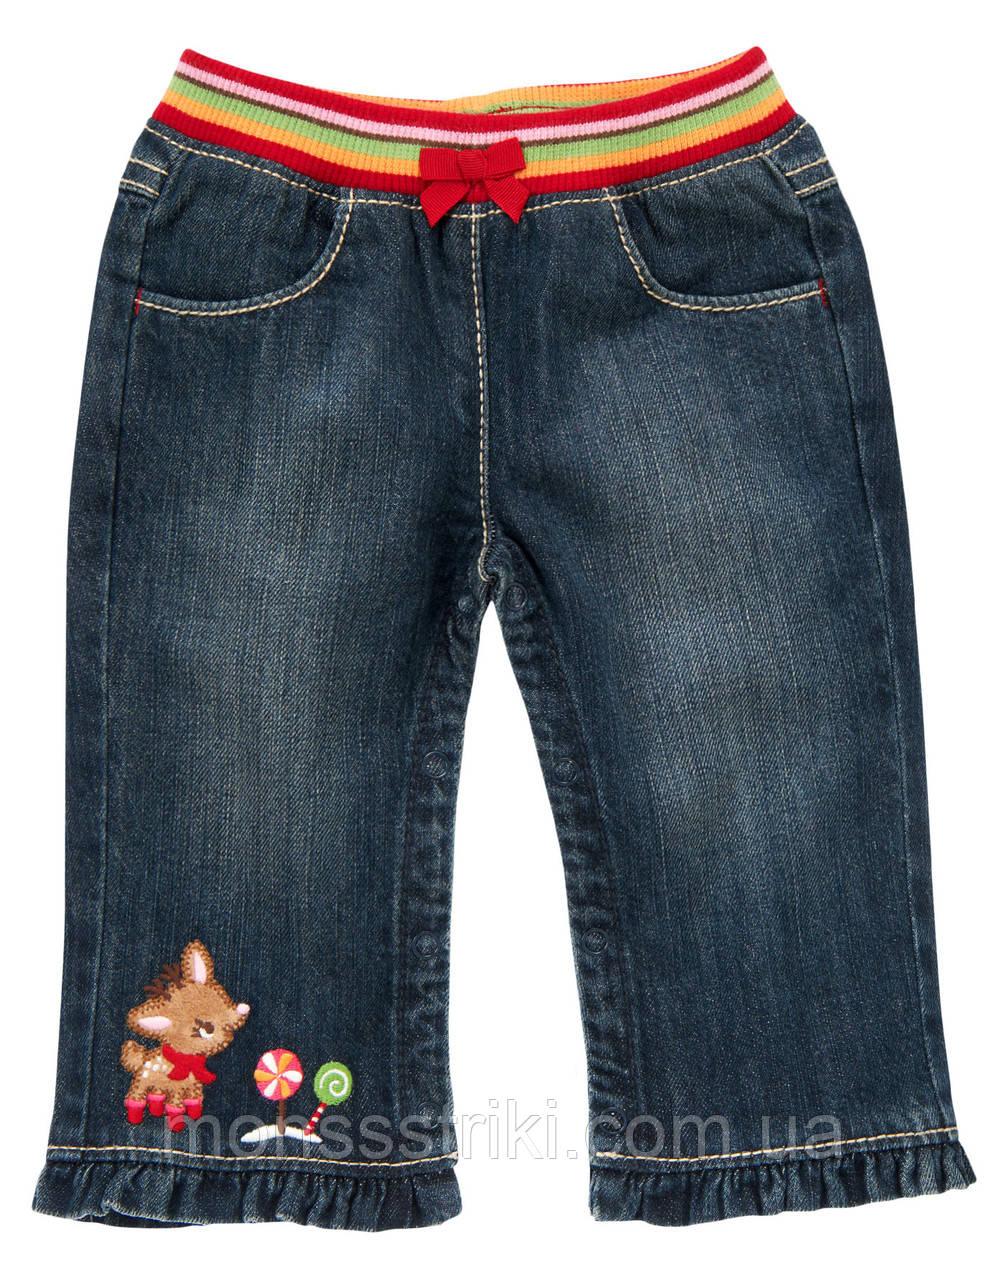 Интернет магазин для девочки джинсы доставка